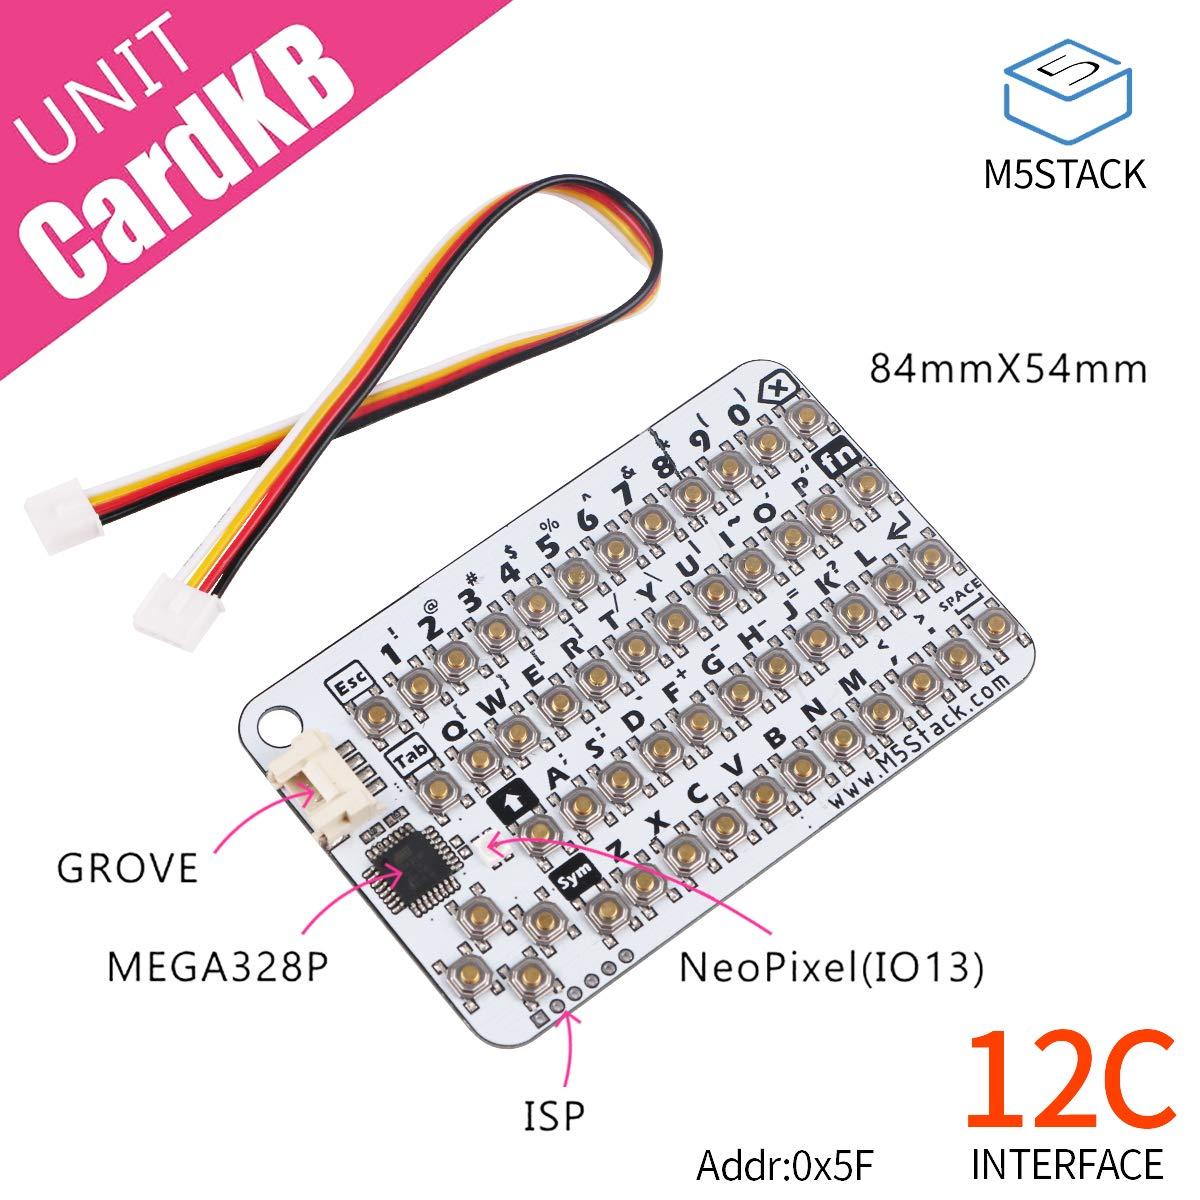 M5Stack Tarjeta Oficial KB Mini unidad de teclado MEGA328P Grove I2C USB ISP Programmer para ESP32 Arduino Development B